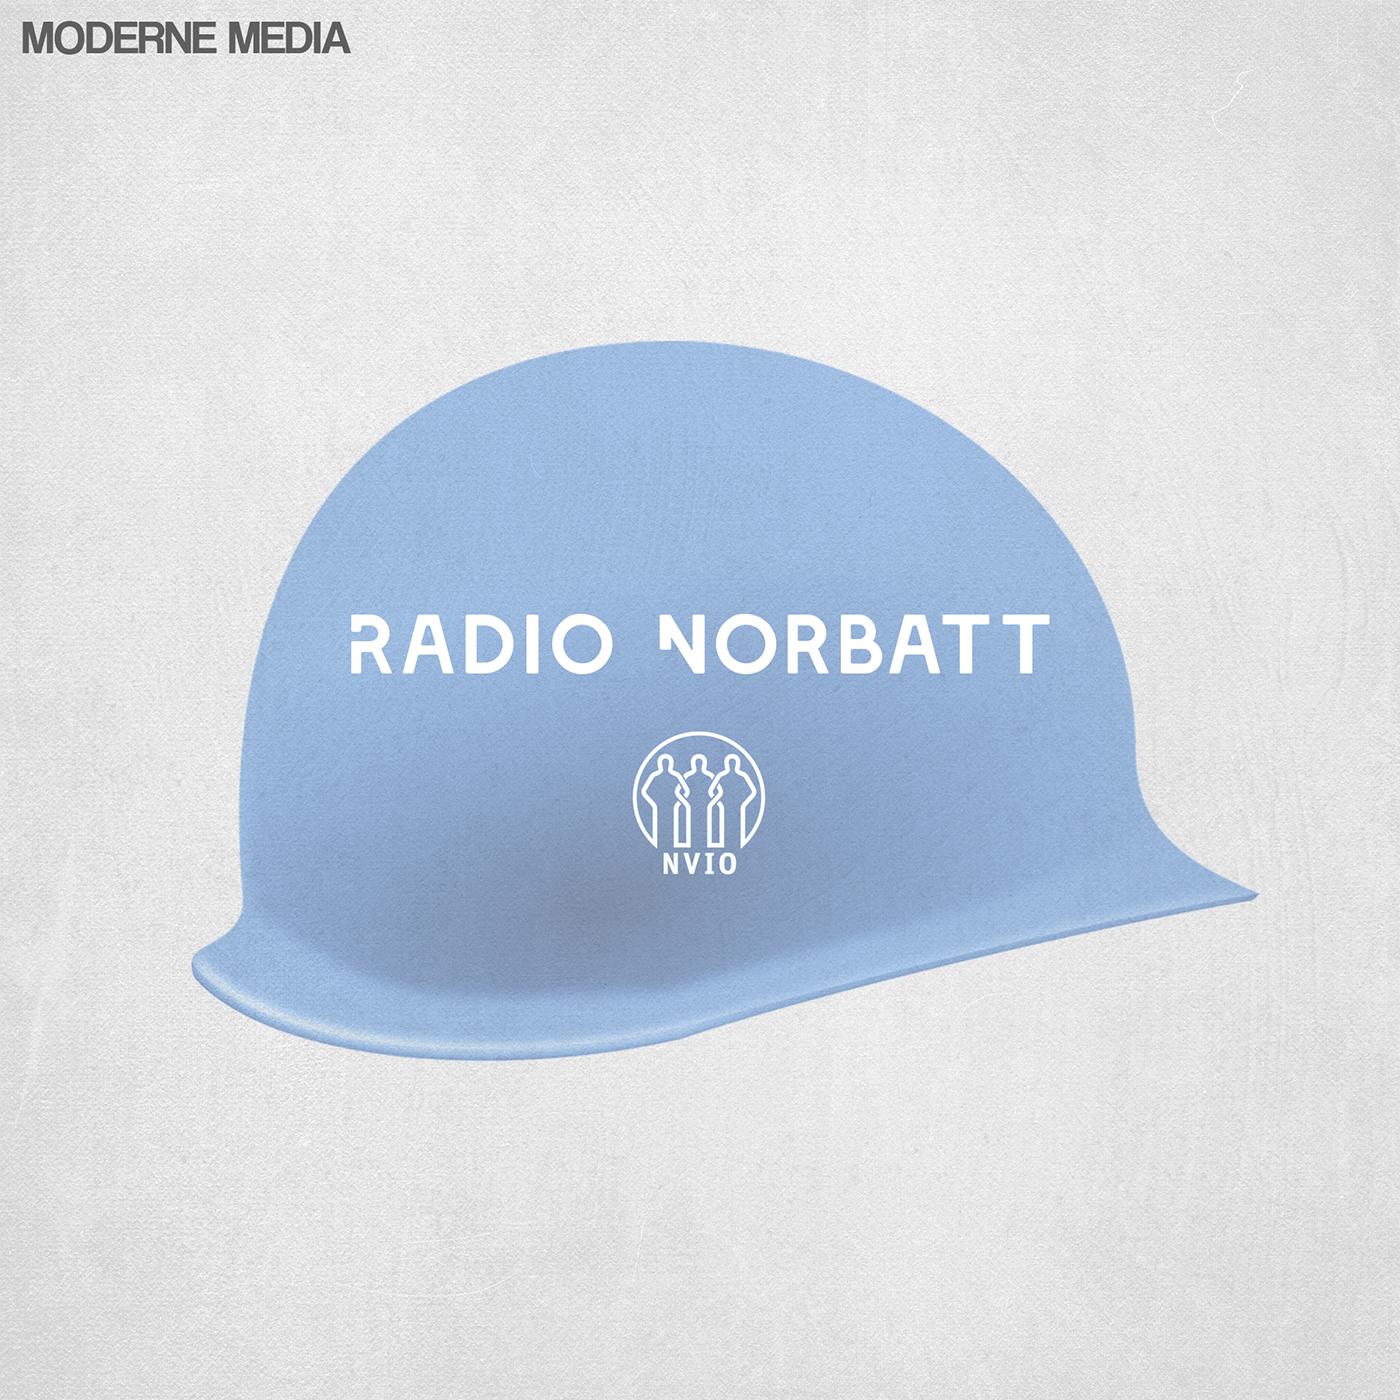 Radio Norbatt cover-kopi.jpg